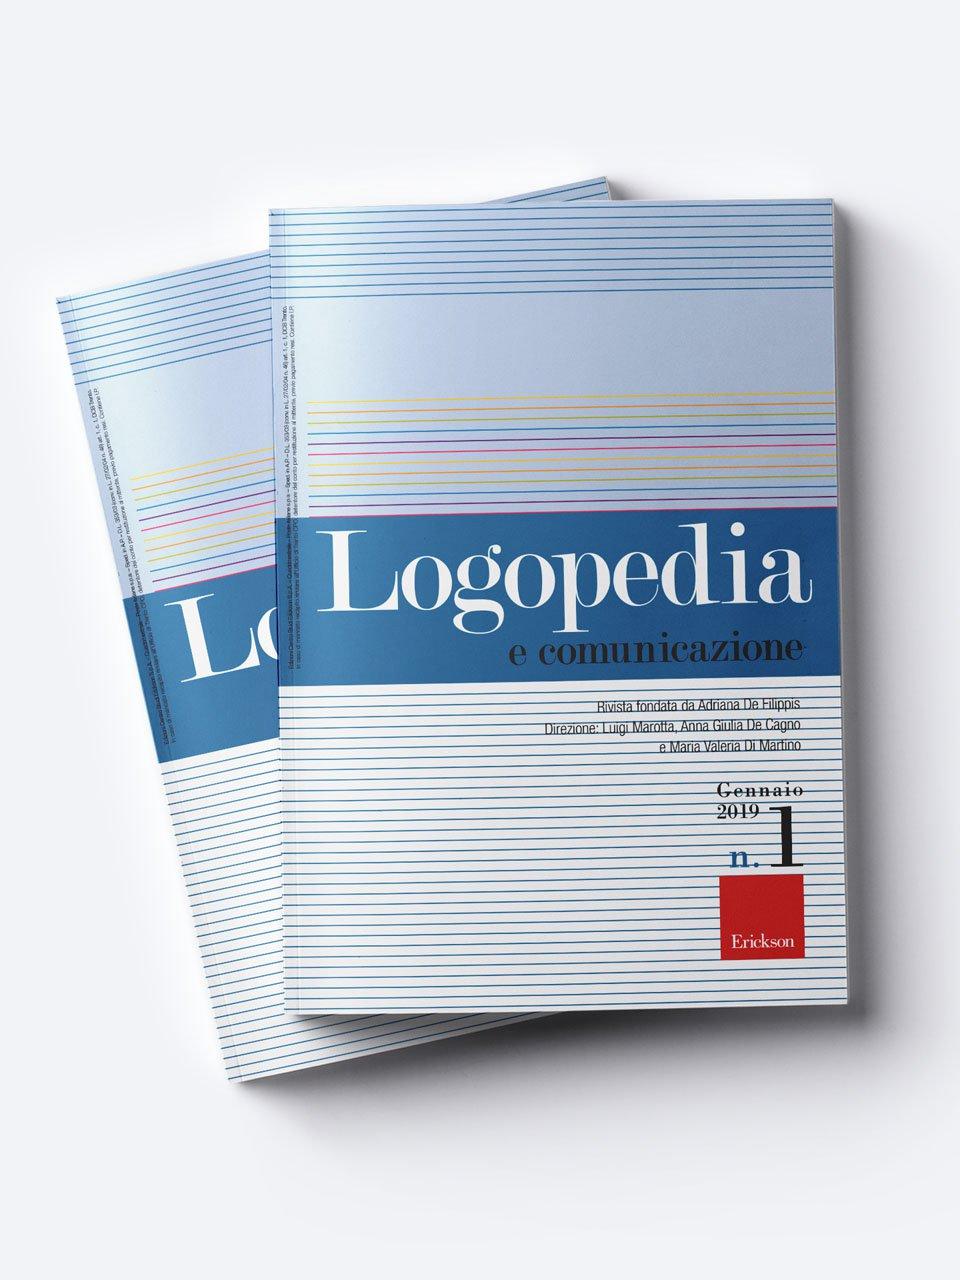 Logopedia e comunicazione - Tachistoscopio SUITE - App e software - Erickson